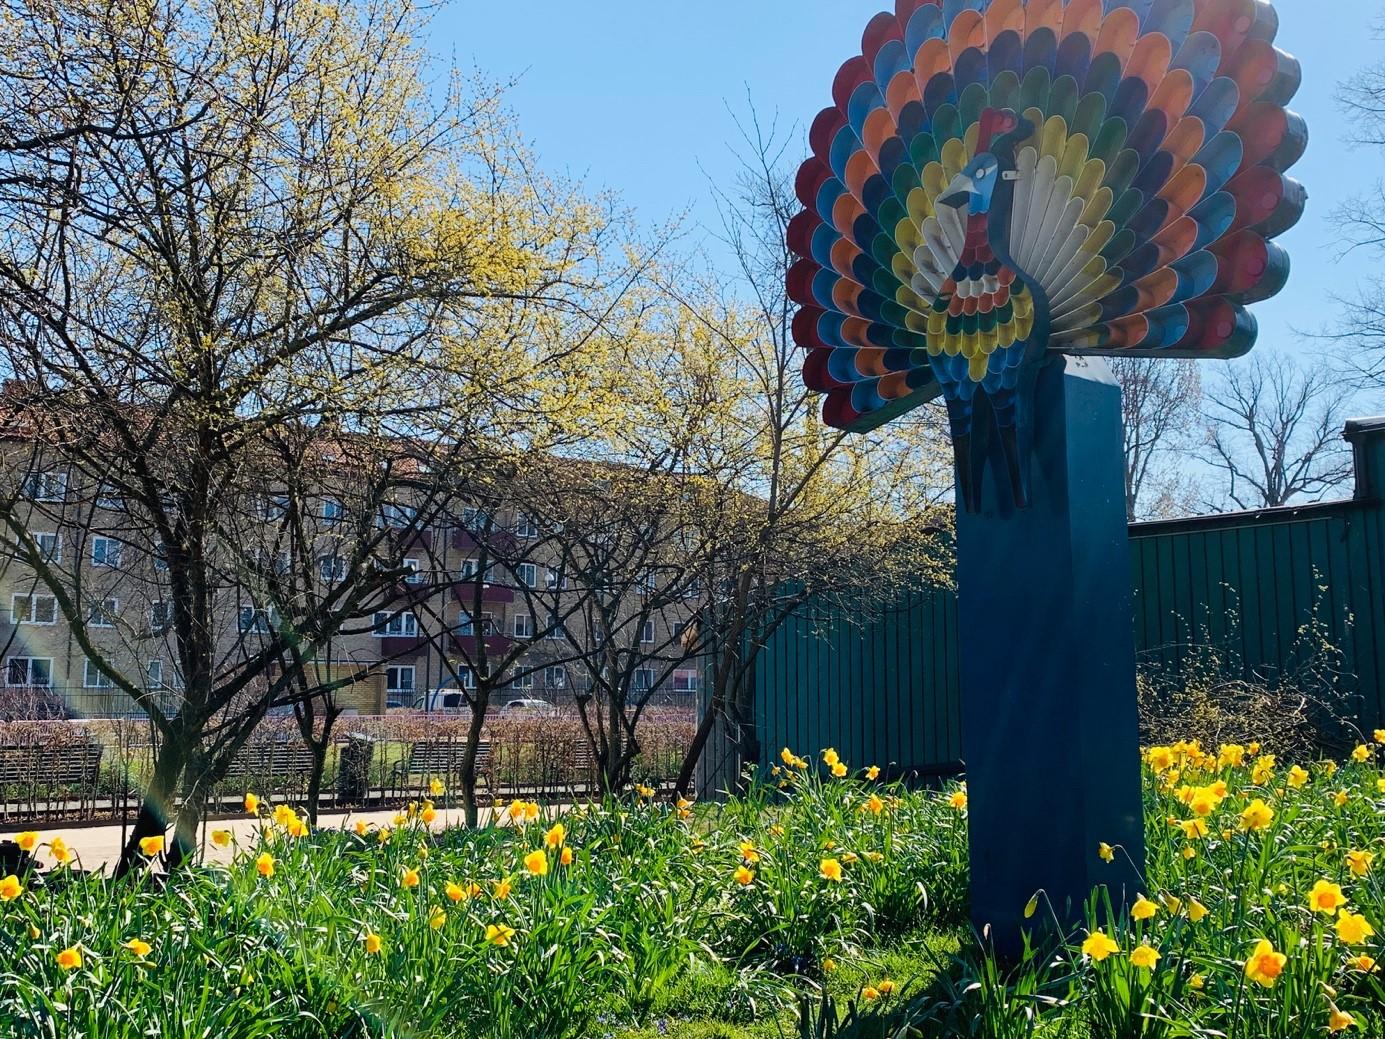 En lampa som föreställer en påfågel. På marken växer gula påskliljor.